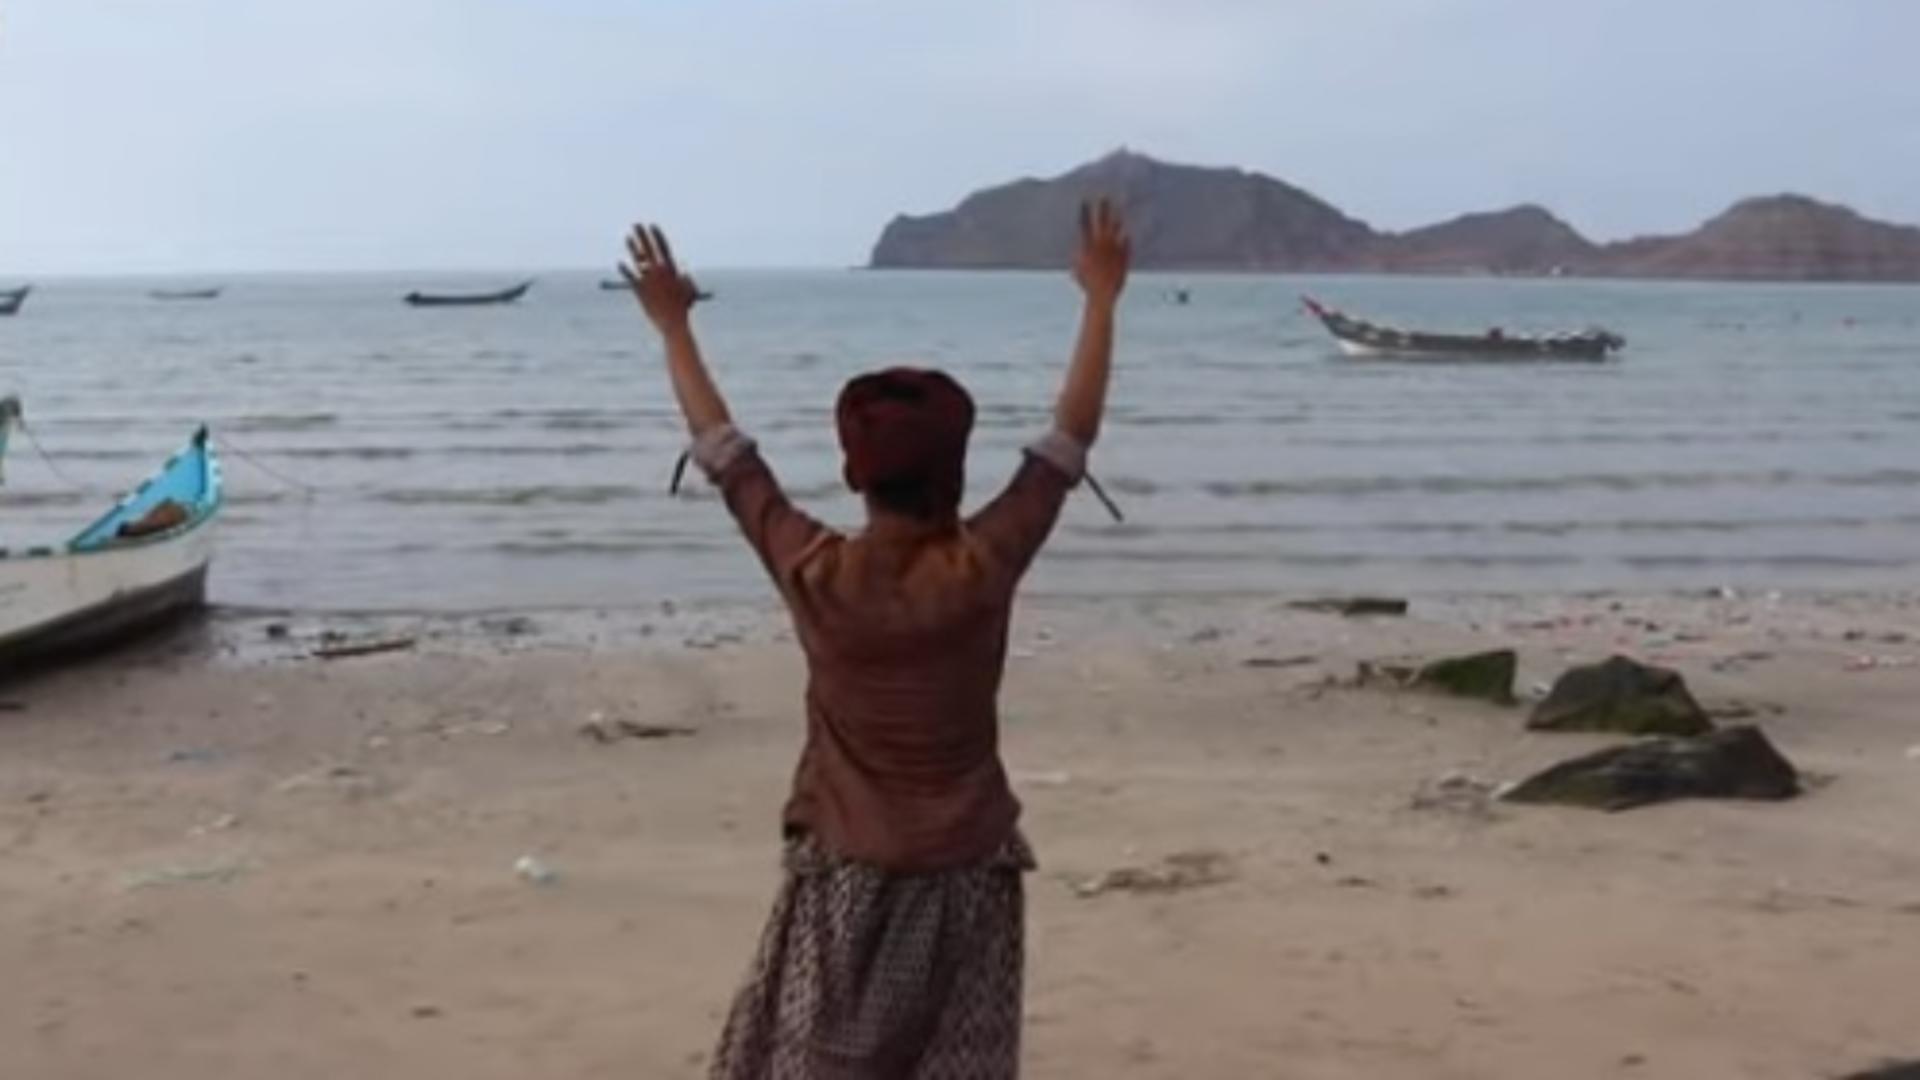 Pescarii au dat lovitura după ce au găsit un cașalot mort care plutea în Golful Aden